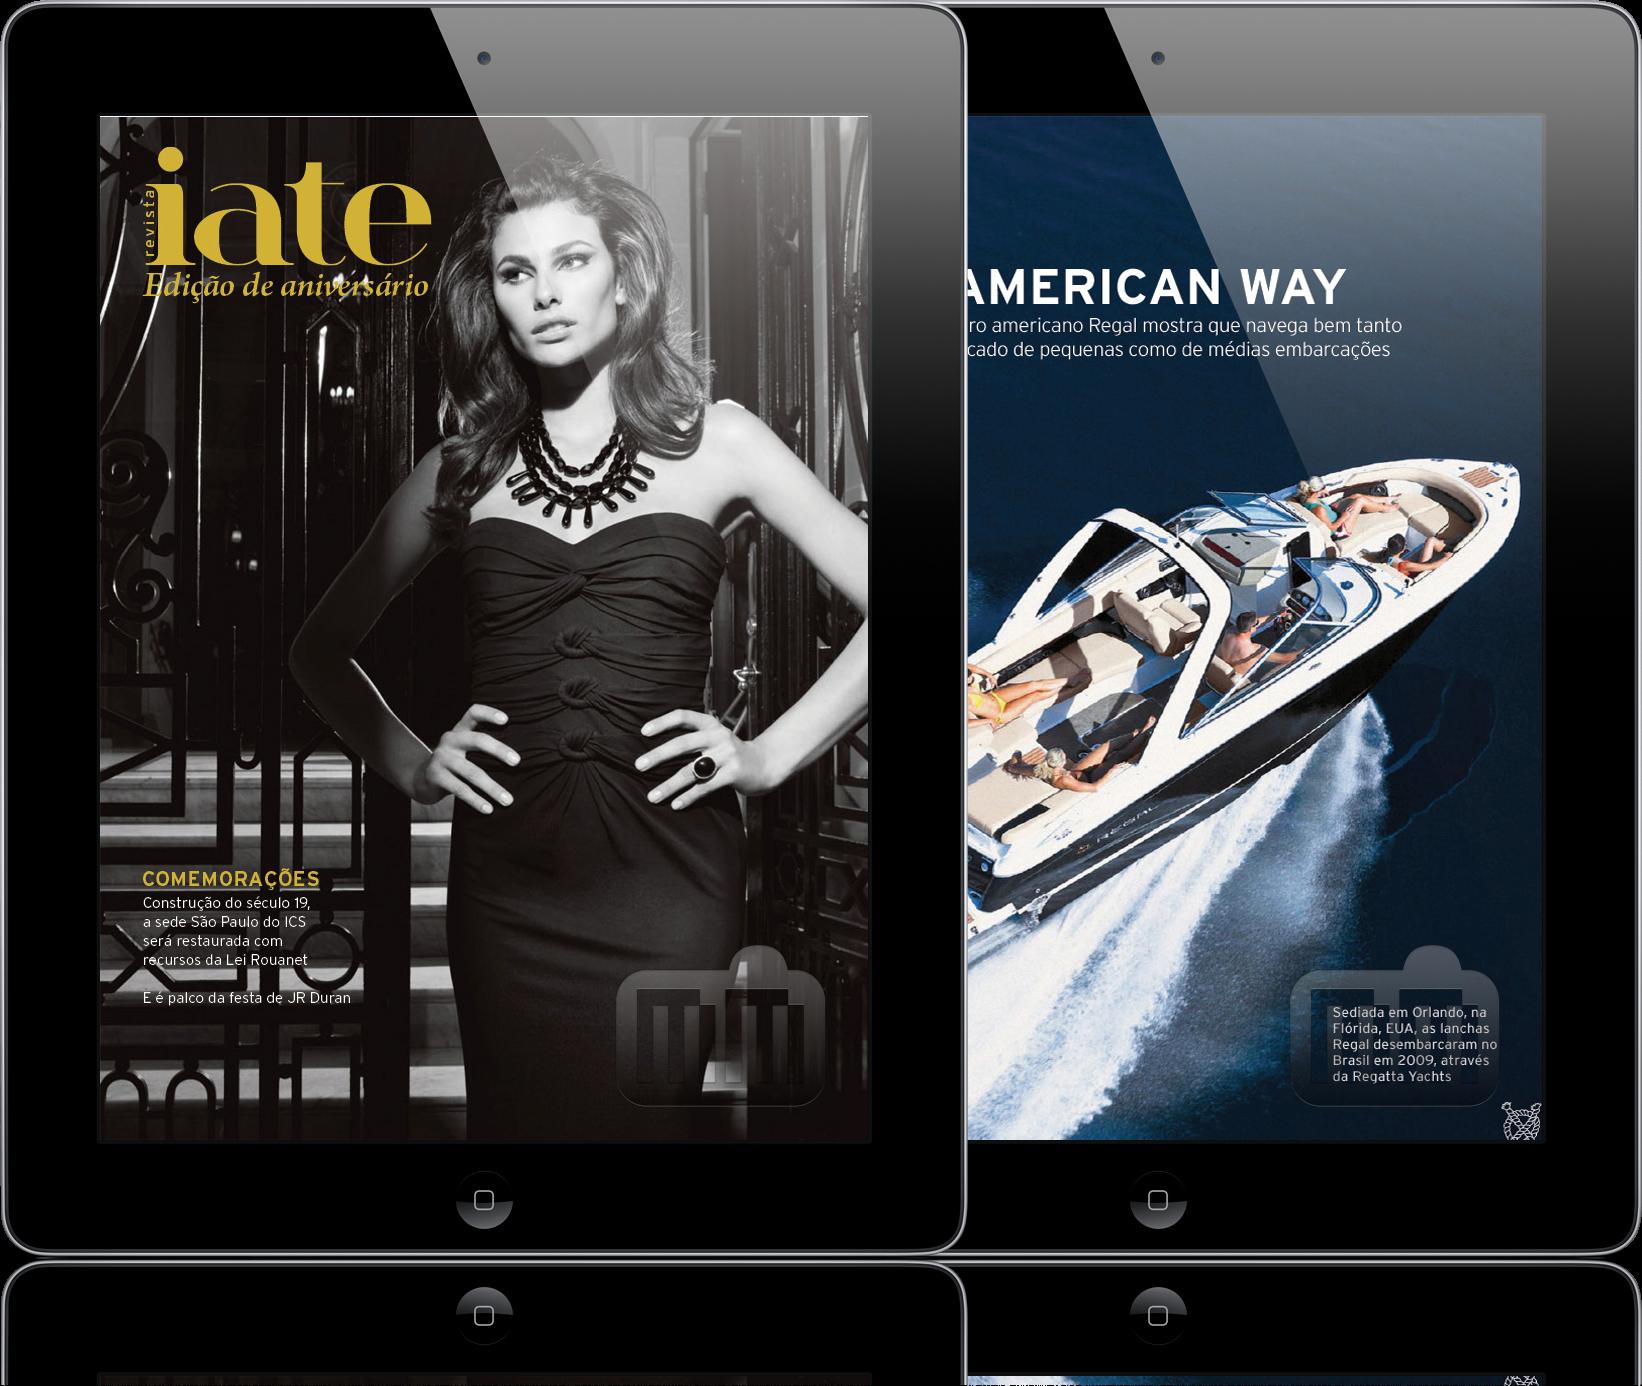 Revista Iate em iPads